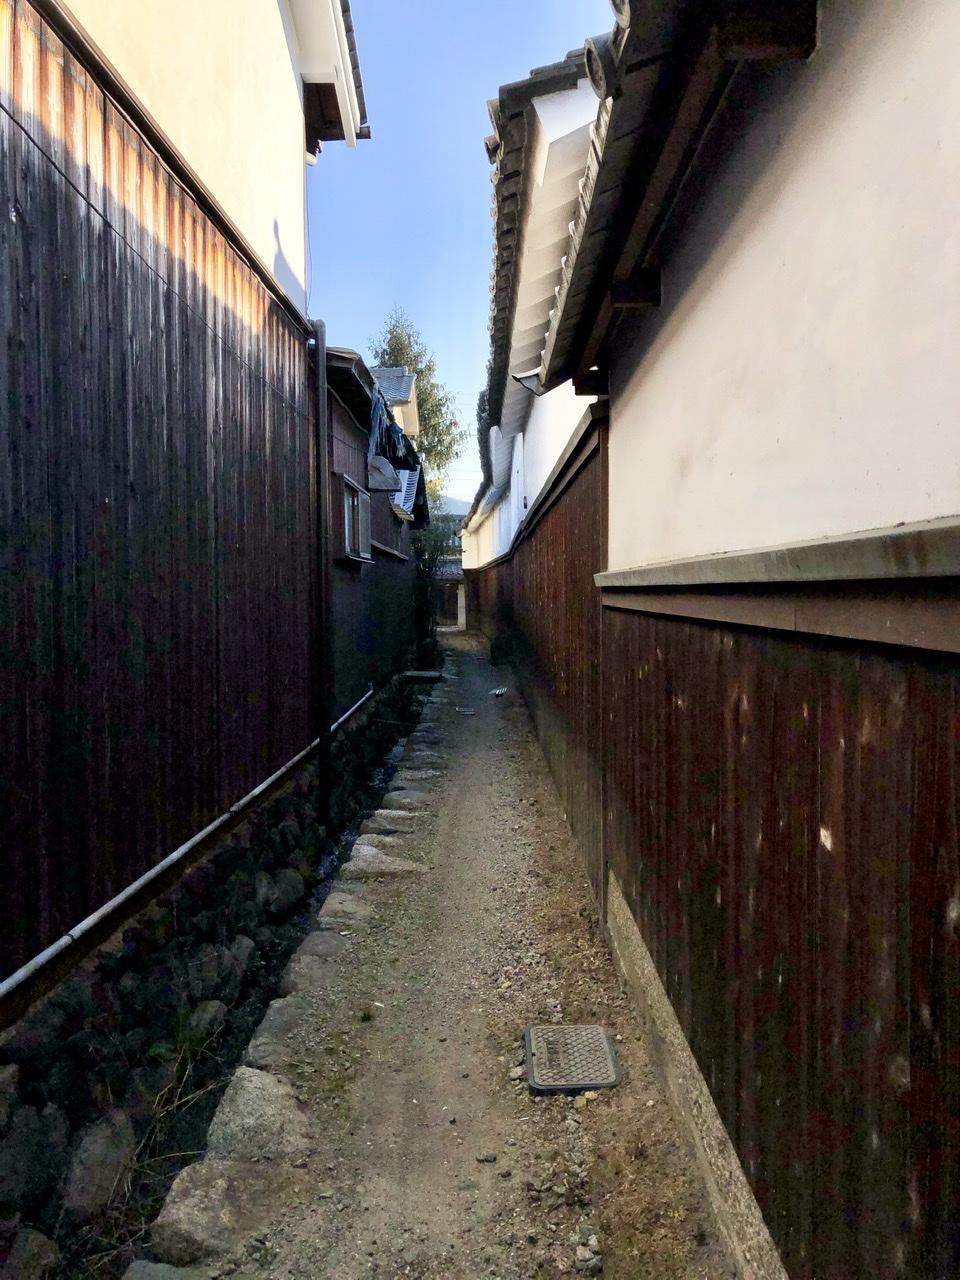 奈良の旅 13 江戸の街並みが美しい橿原市今井町 その2_a0092659_11372280.jpeg